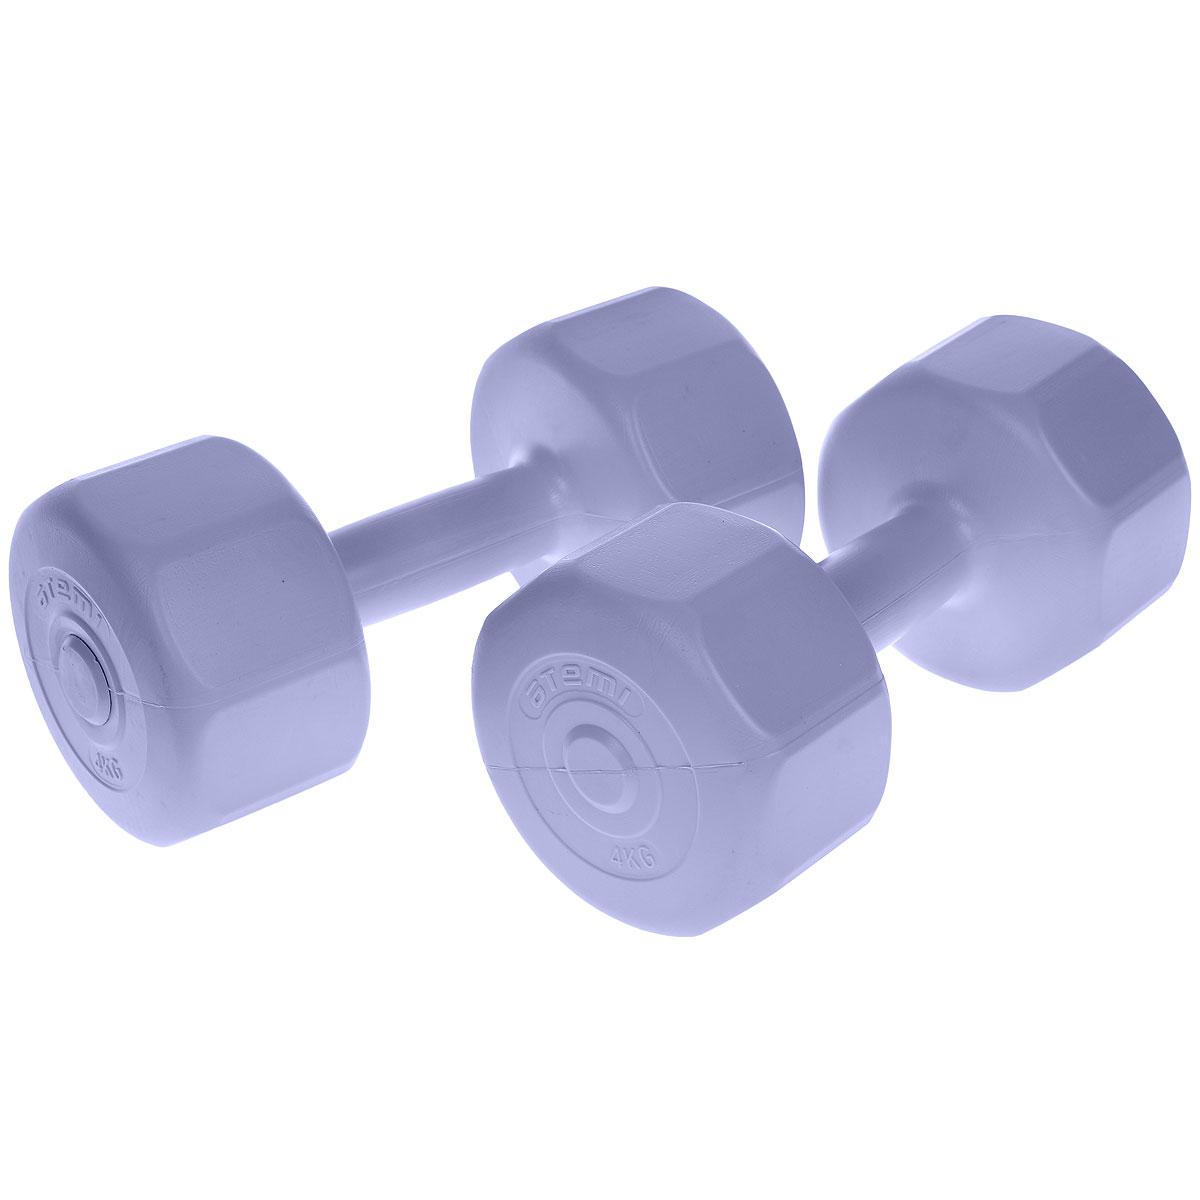 """Гантели виниловые """"Atemi"""", цвет: фиолетовый, 4 кг, 2 шт"""